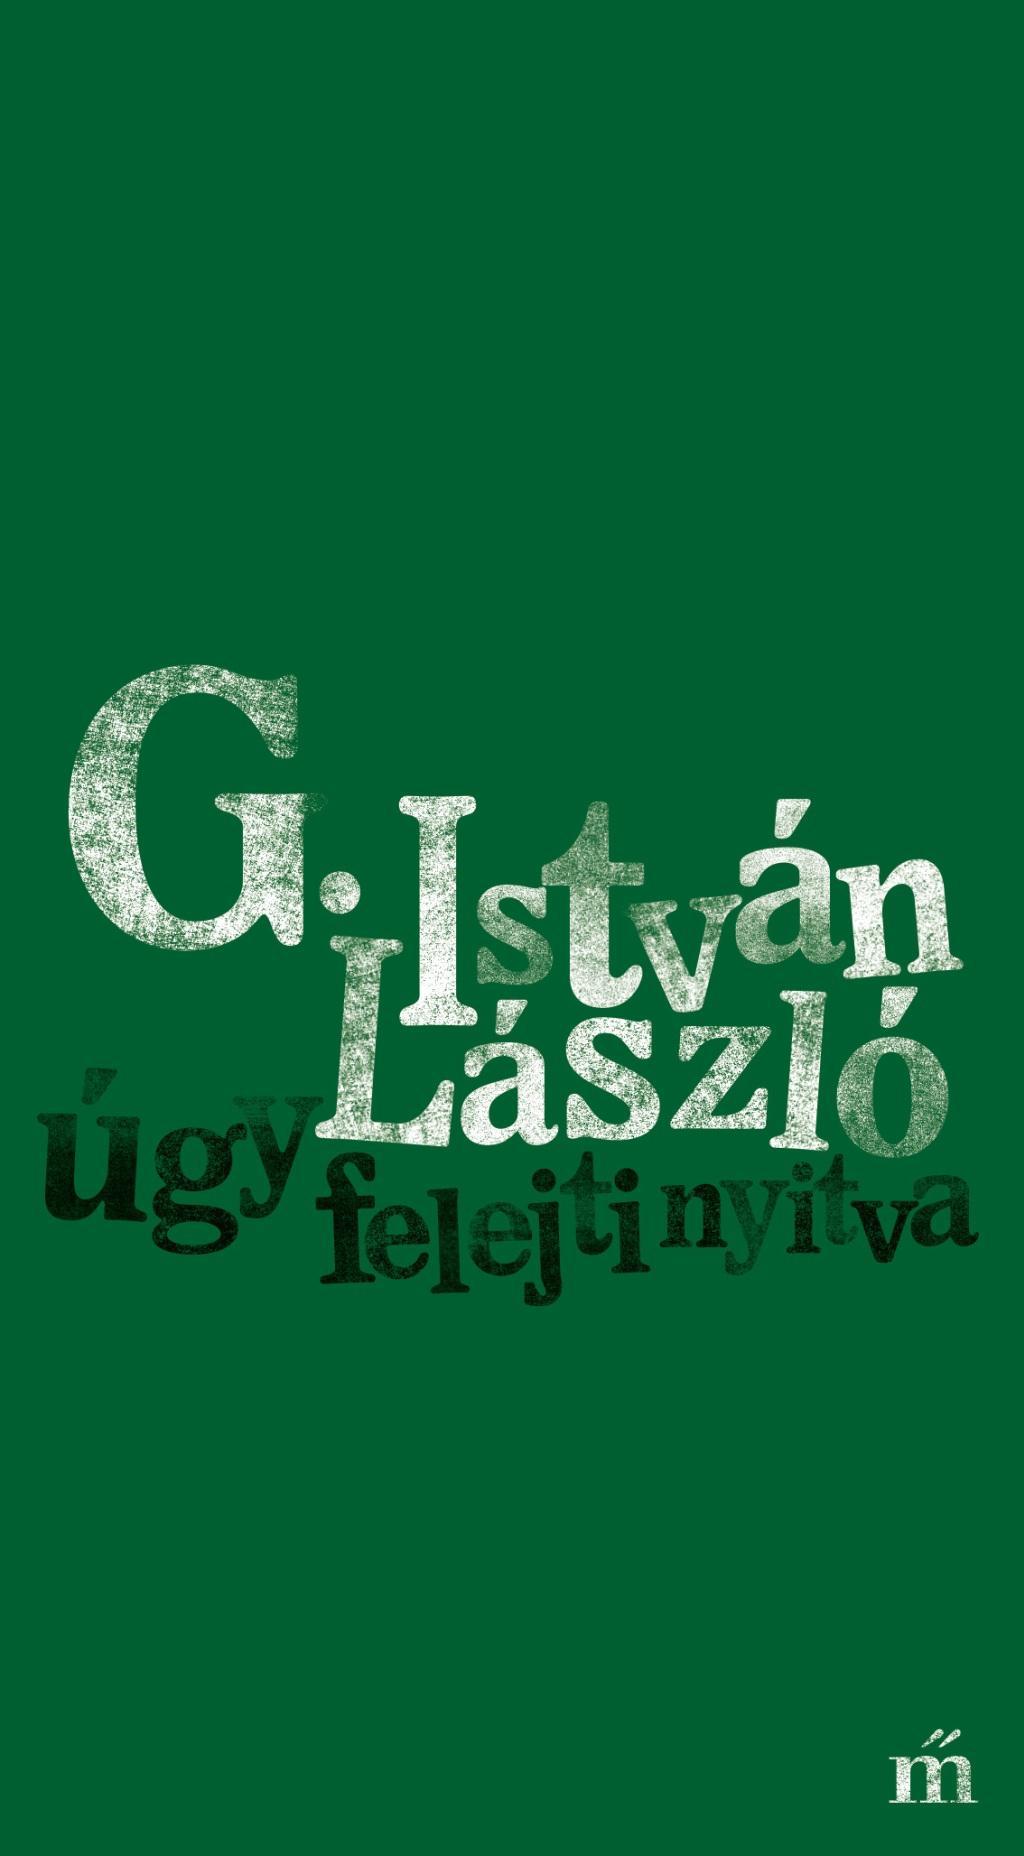 G. István László - úgy felejti nyitva